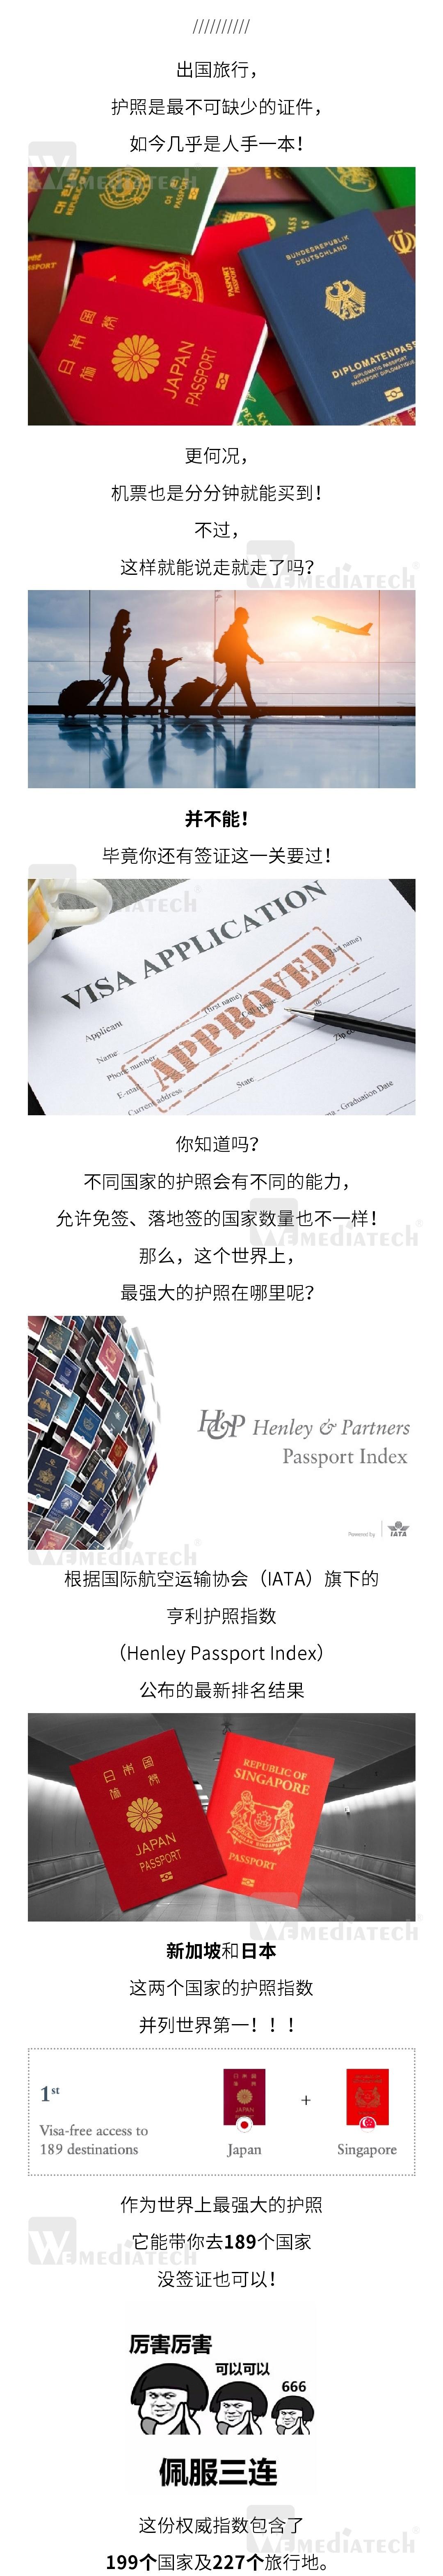 新加坡护照1 - 副本.jpg